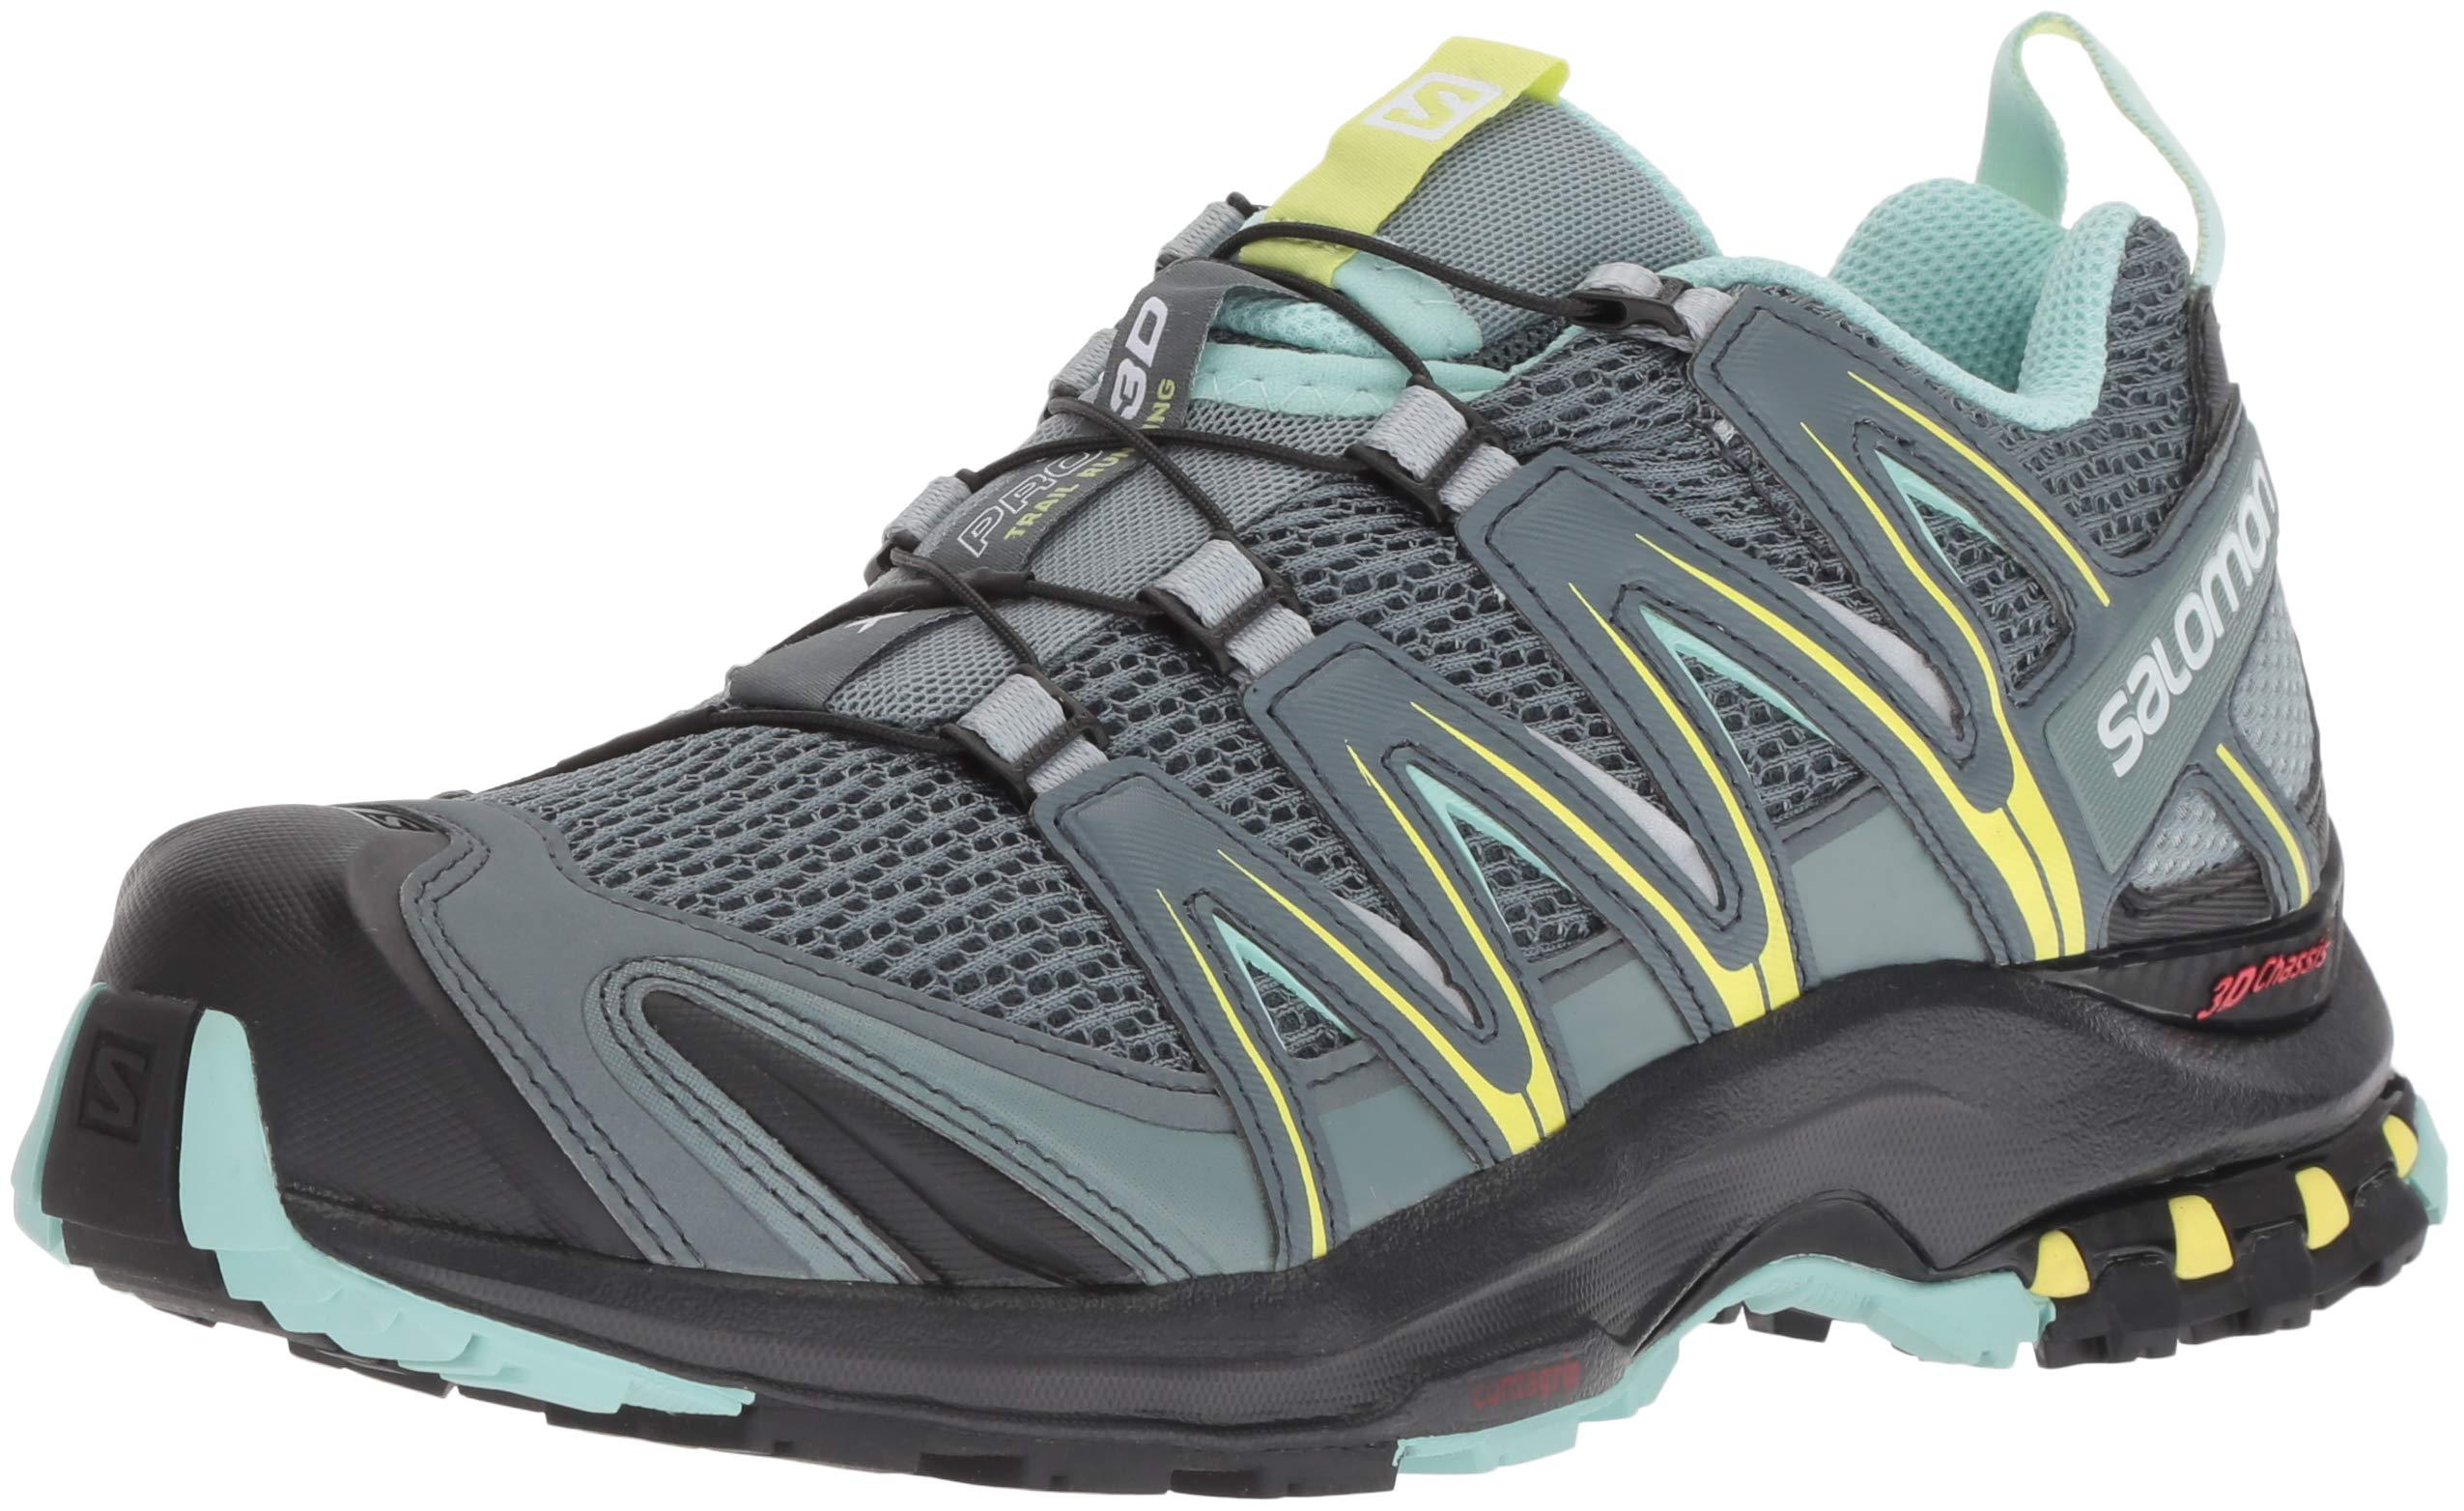 Salomon Women's XA PRO 3D W Trail Running Shoe, Stormy Weather/Lead/Eggshell Blue, 5 M US